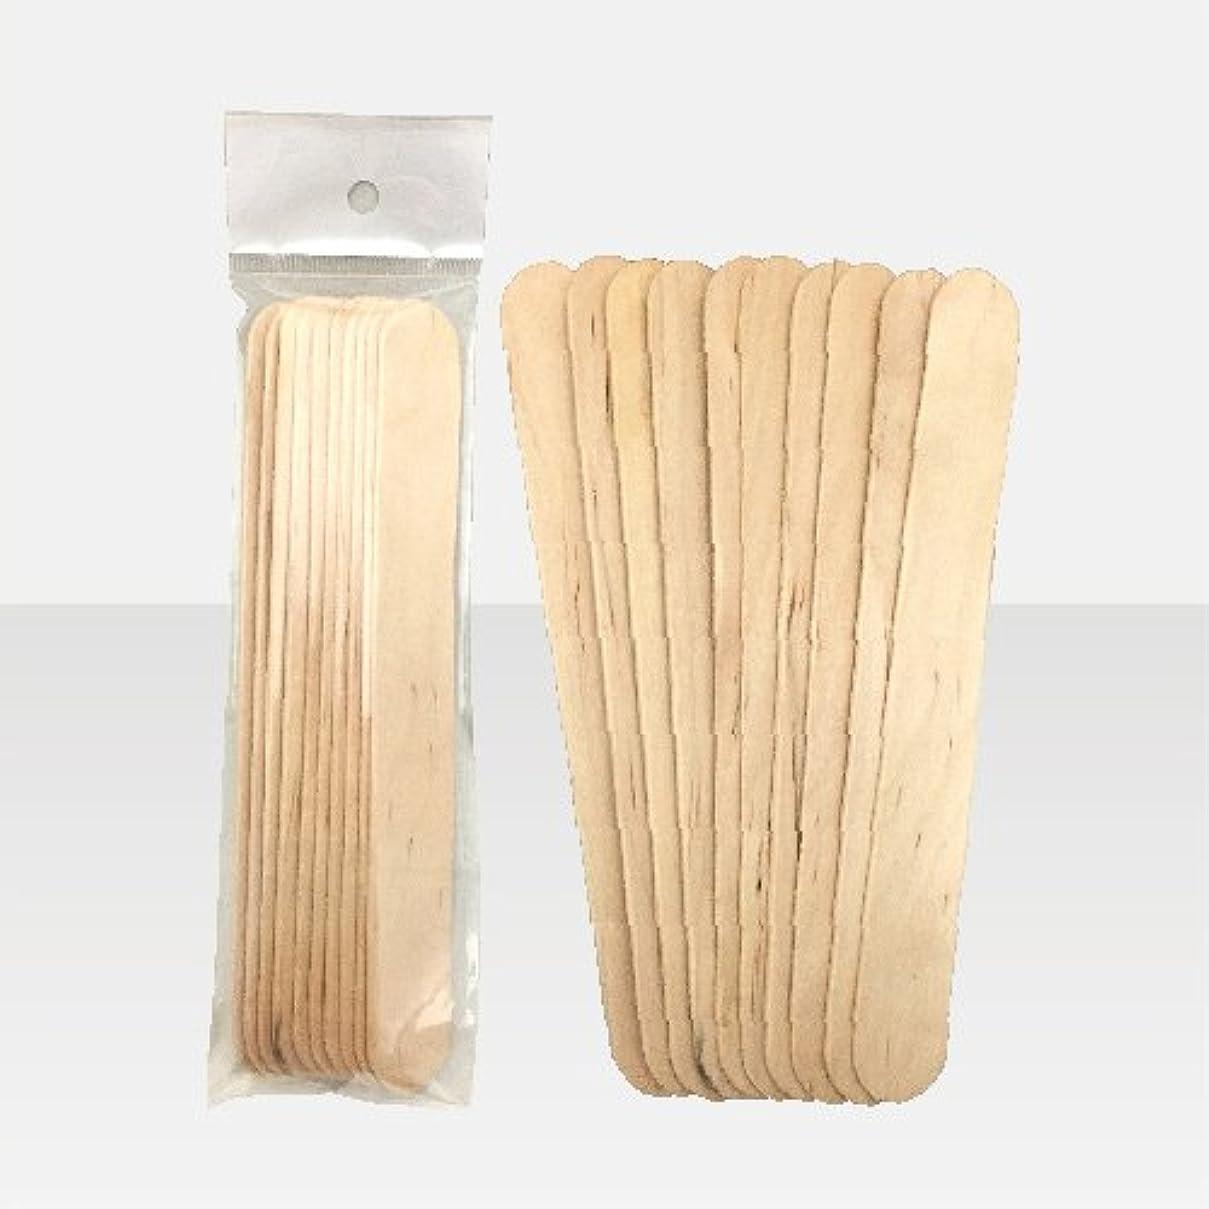 ブラジリアンワックス 脱毛ワックス用  ワックススパチュラ 木ベラ /10本セット Mサイズ